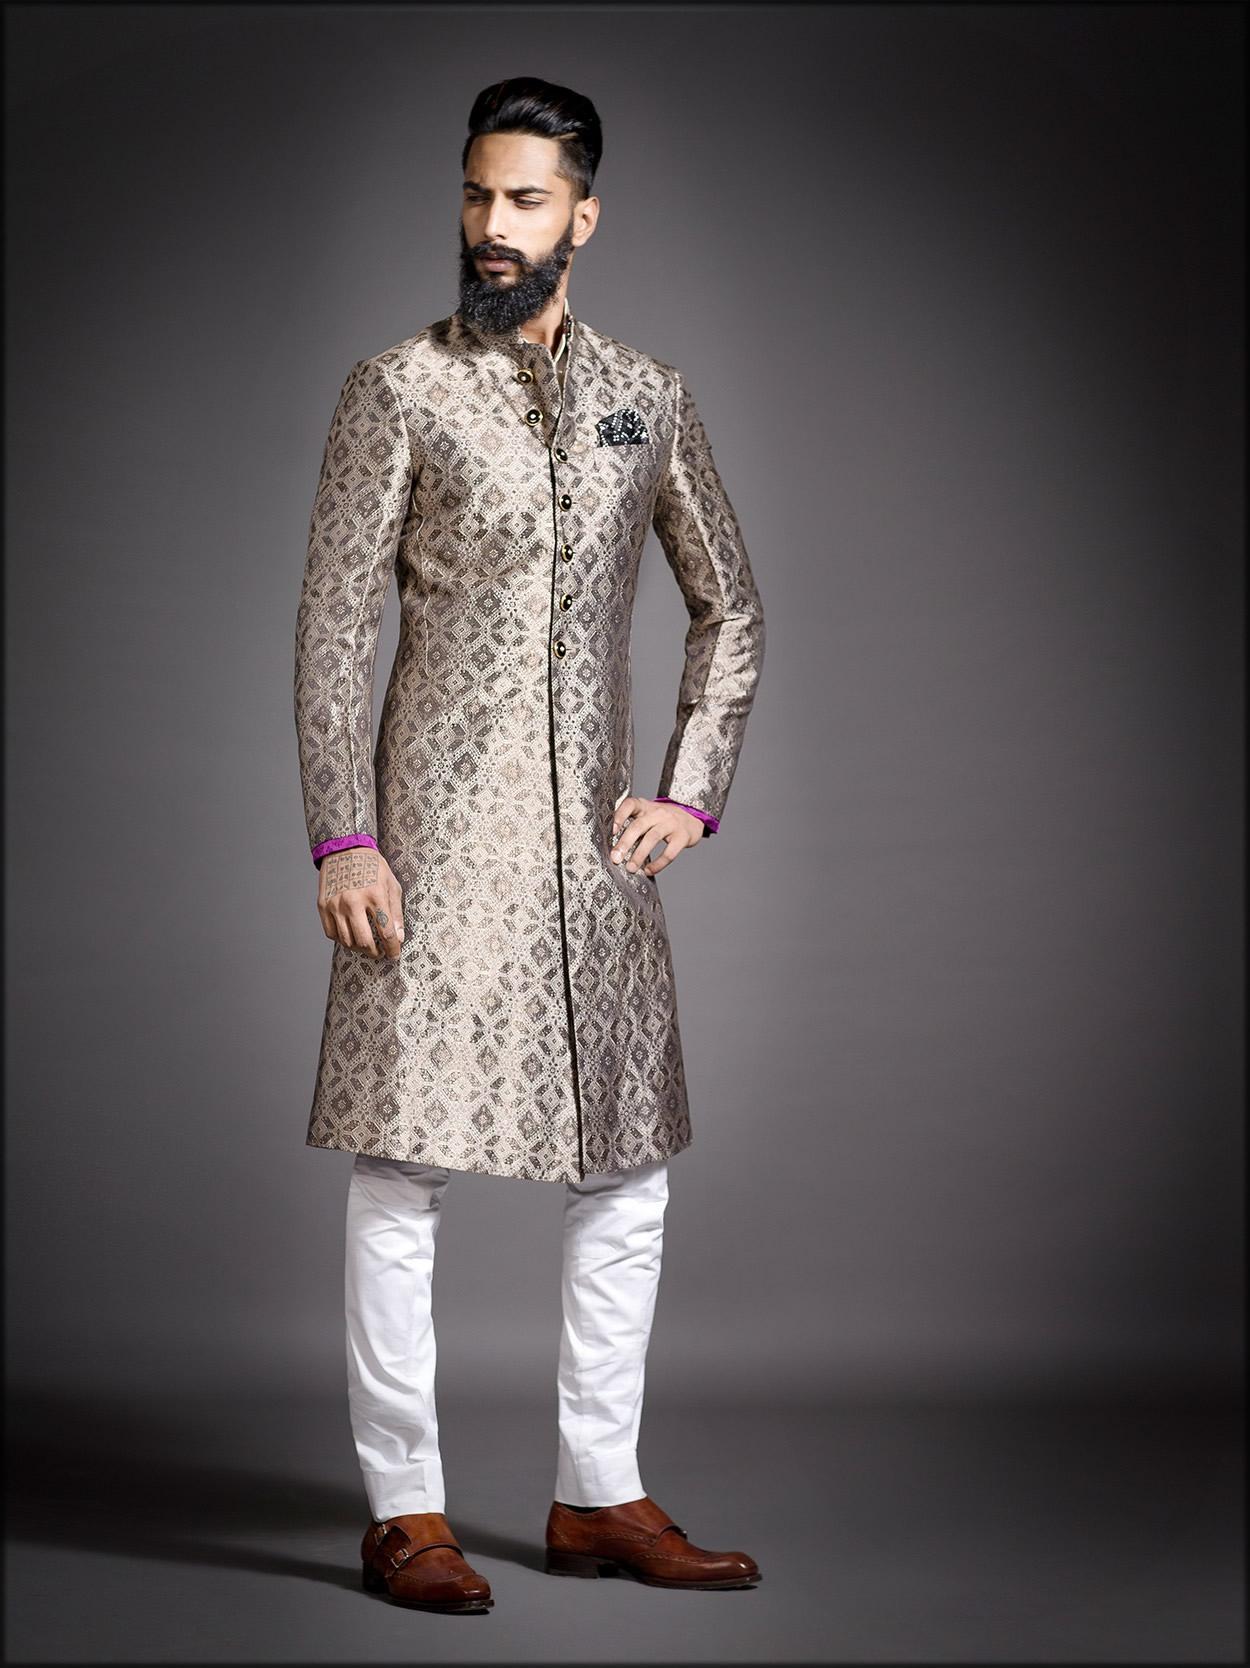 achkan style men wedding sherwani